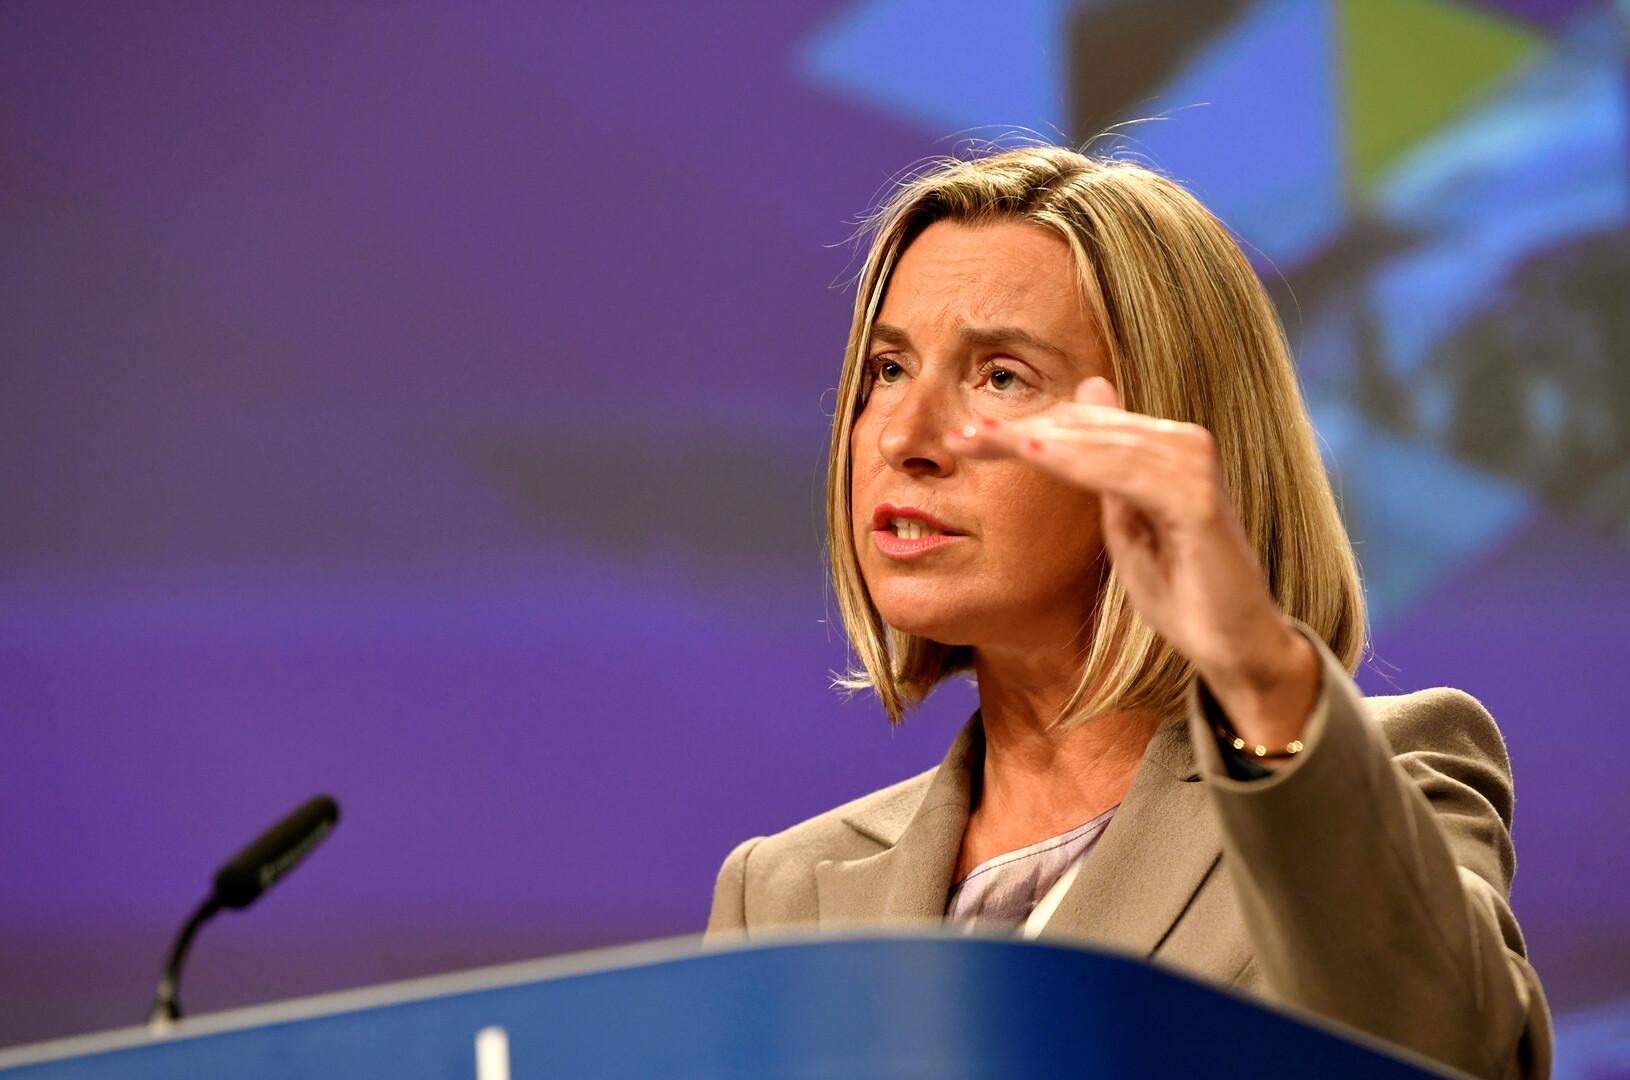 مفوضة الاتحاد الأوروبي للسياسية الخارجية، فيديريكا موغيريني